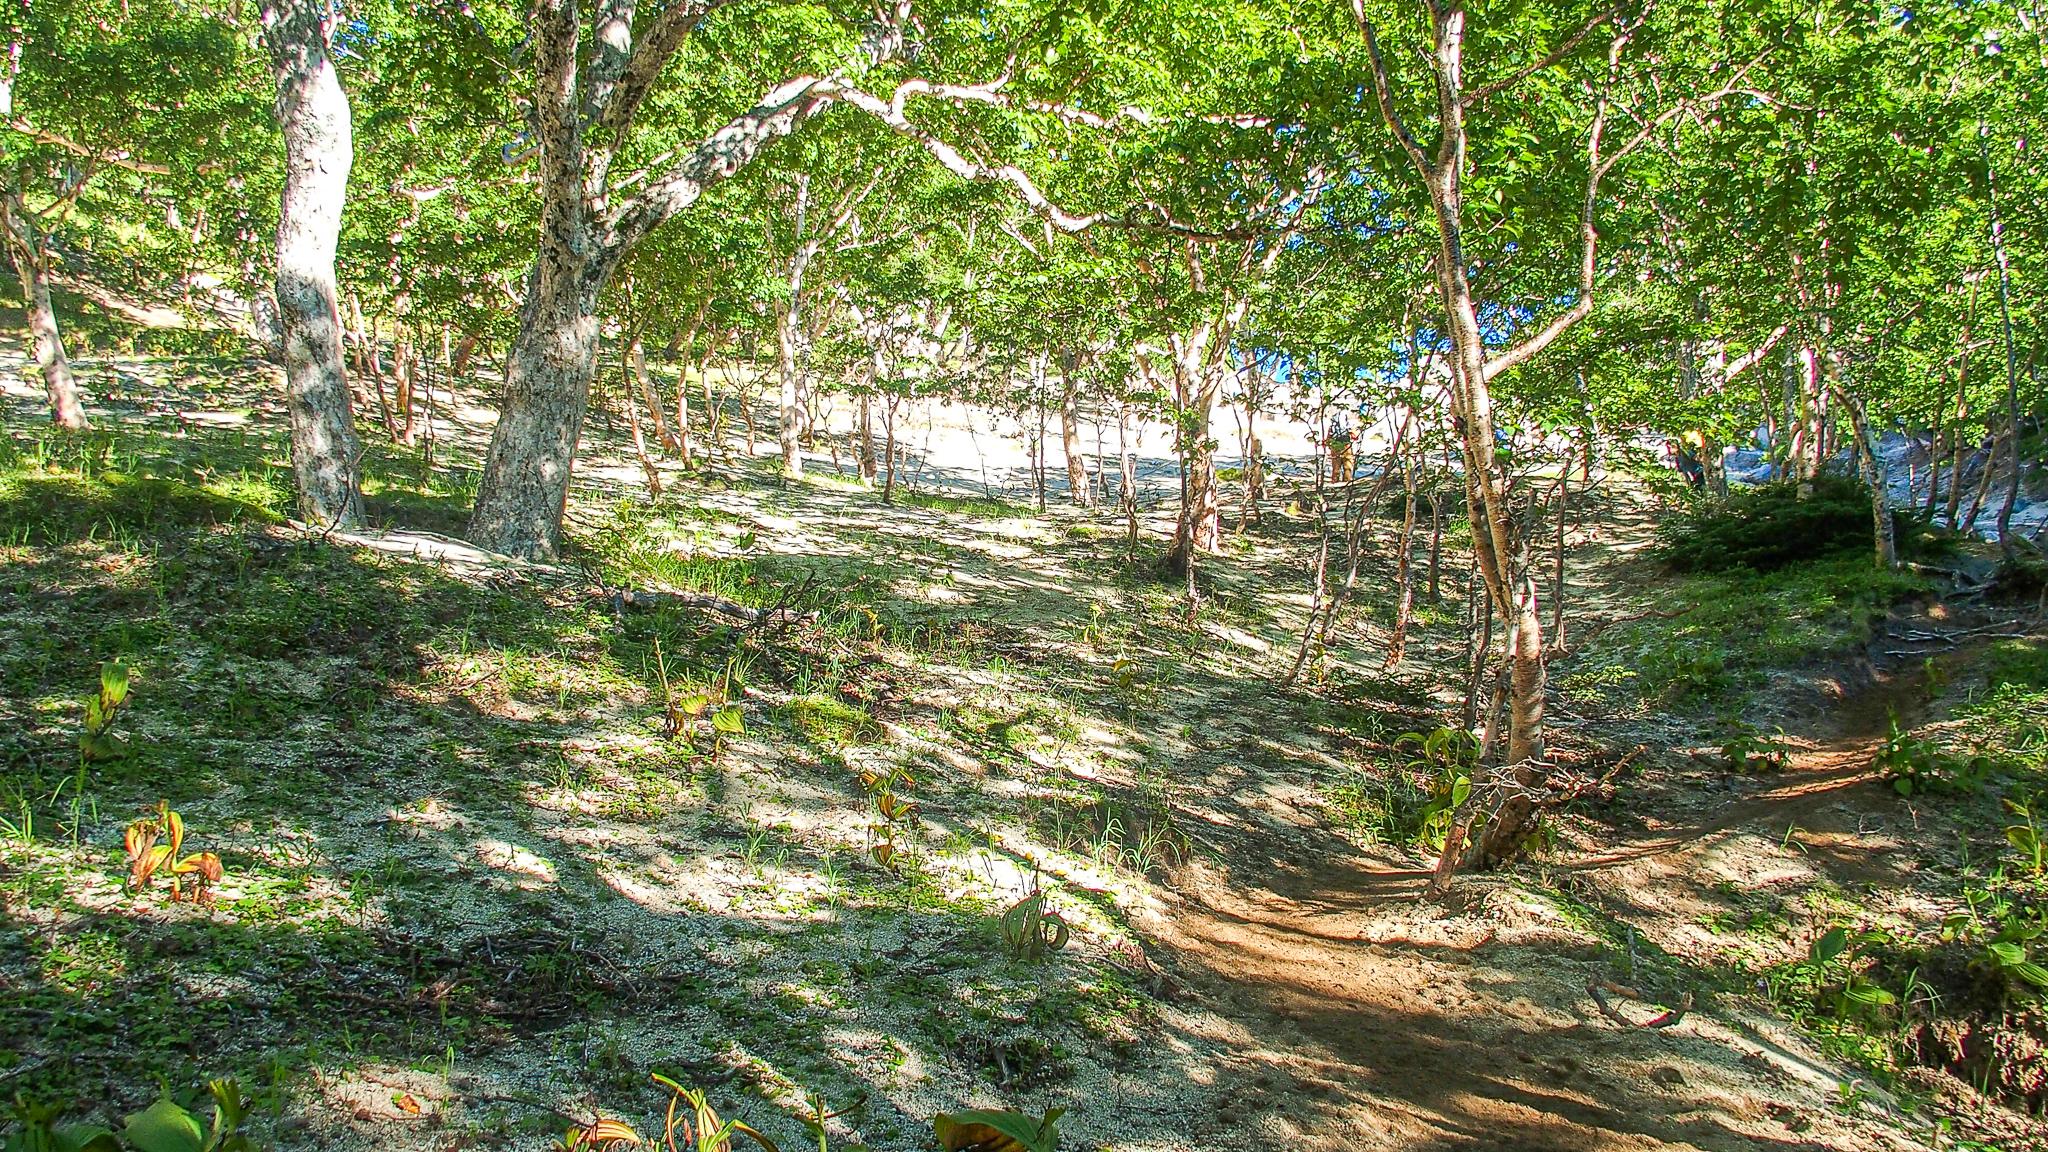 鳳凰三山・鳳凰小屋から地蔵岳へと至る道・樹林帯